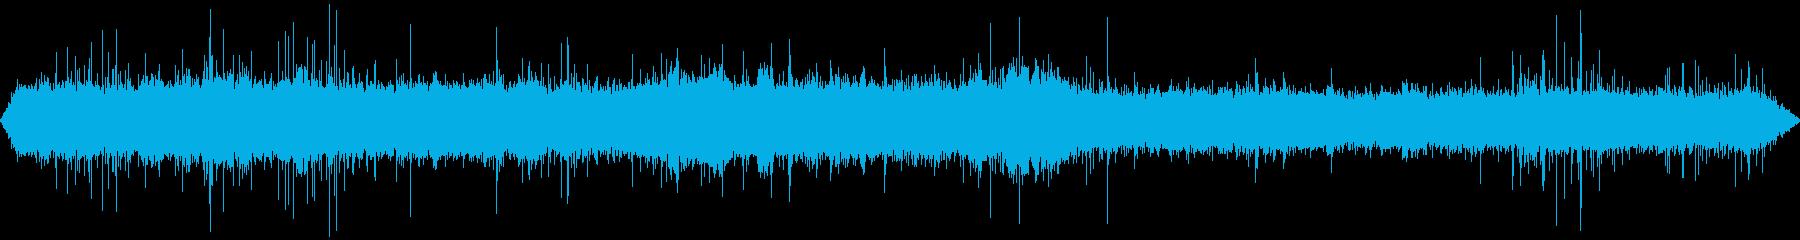 屋外市場:混雑、重い足音、音声市場...の再生済みの波形